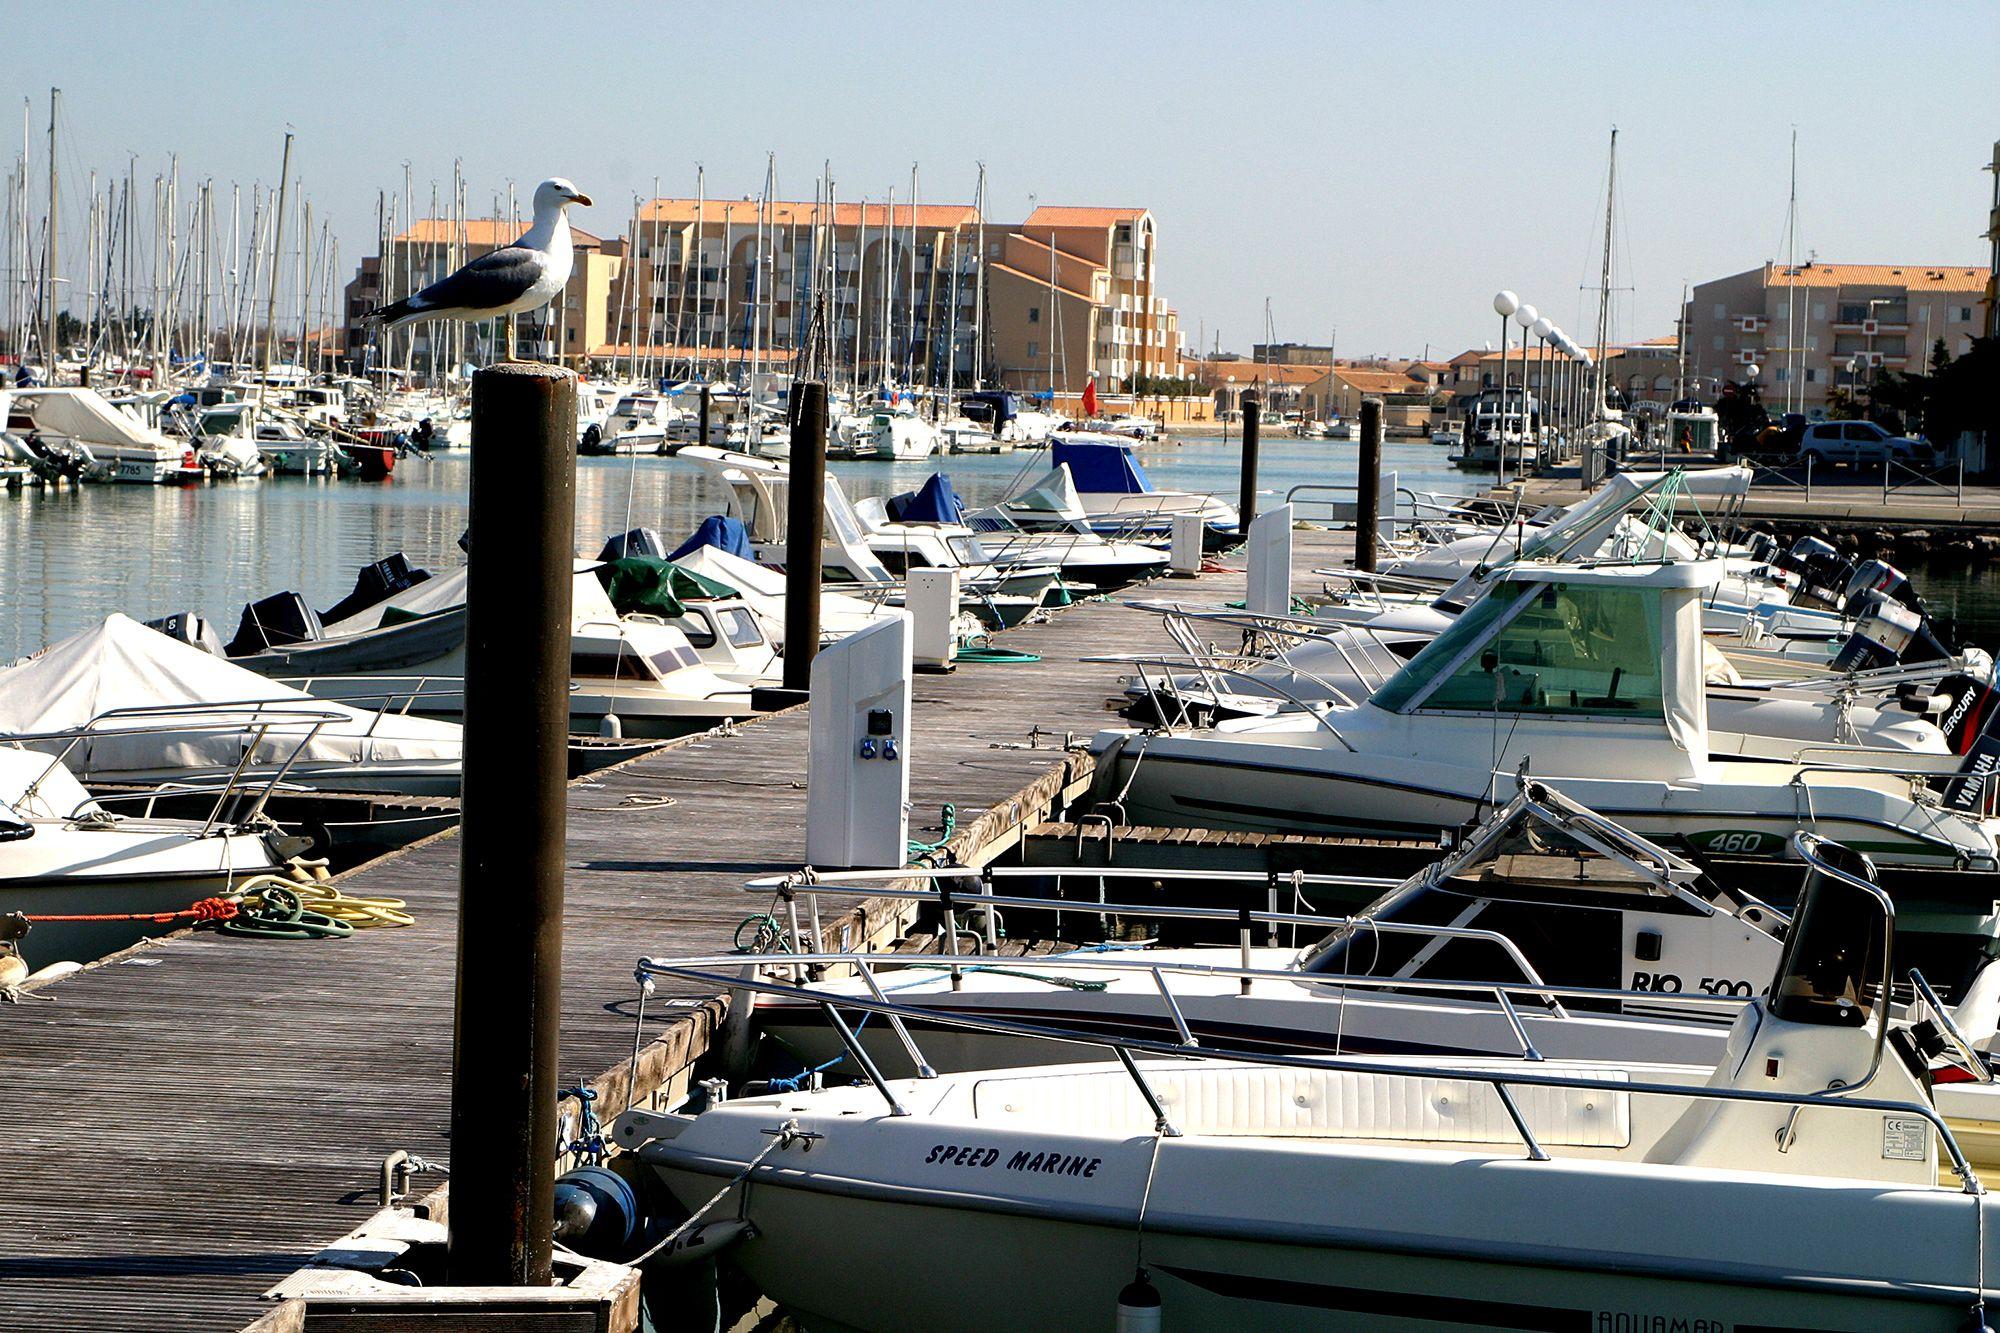 Port de plaisance frontignan la peyrade - Port de plaisance le crouesty ...